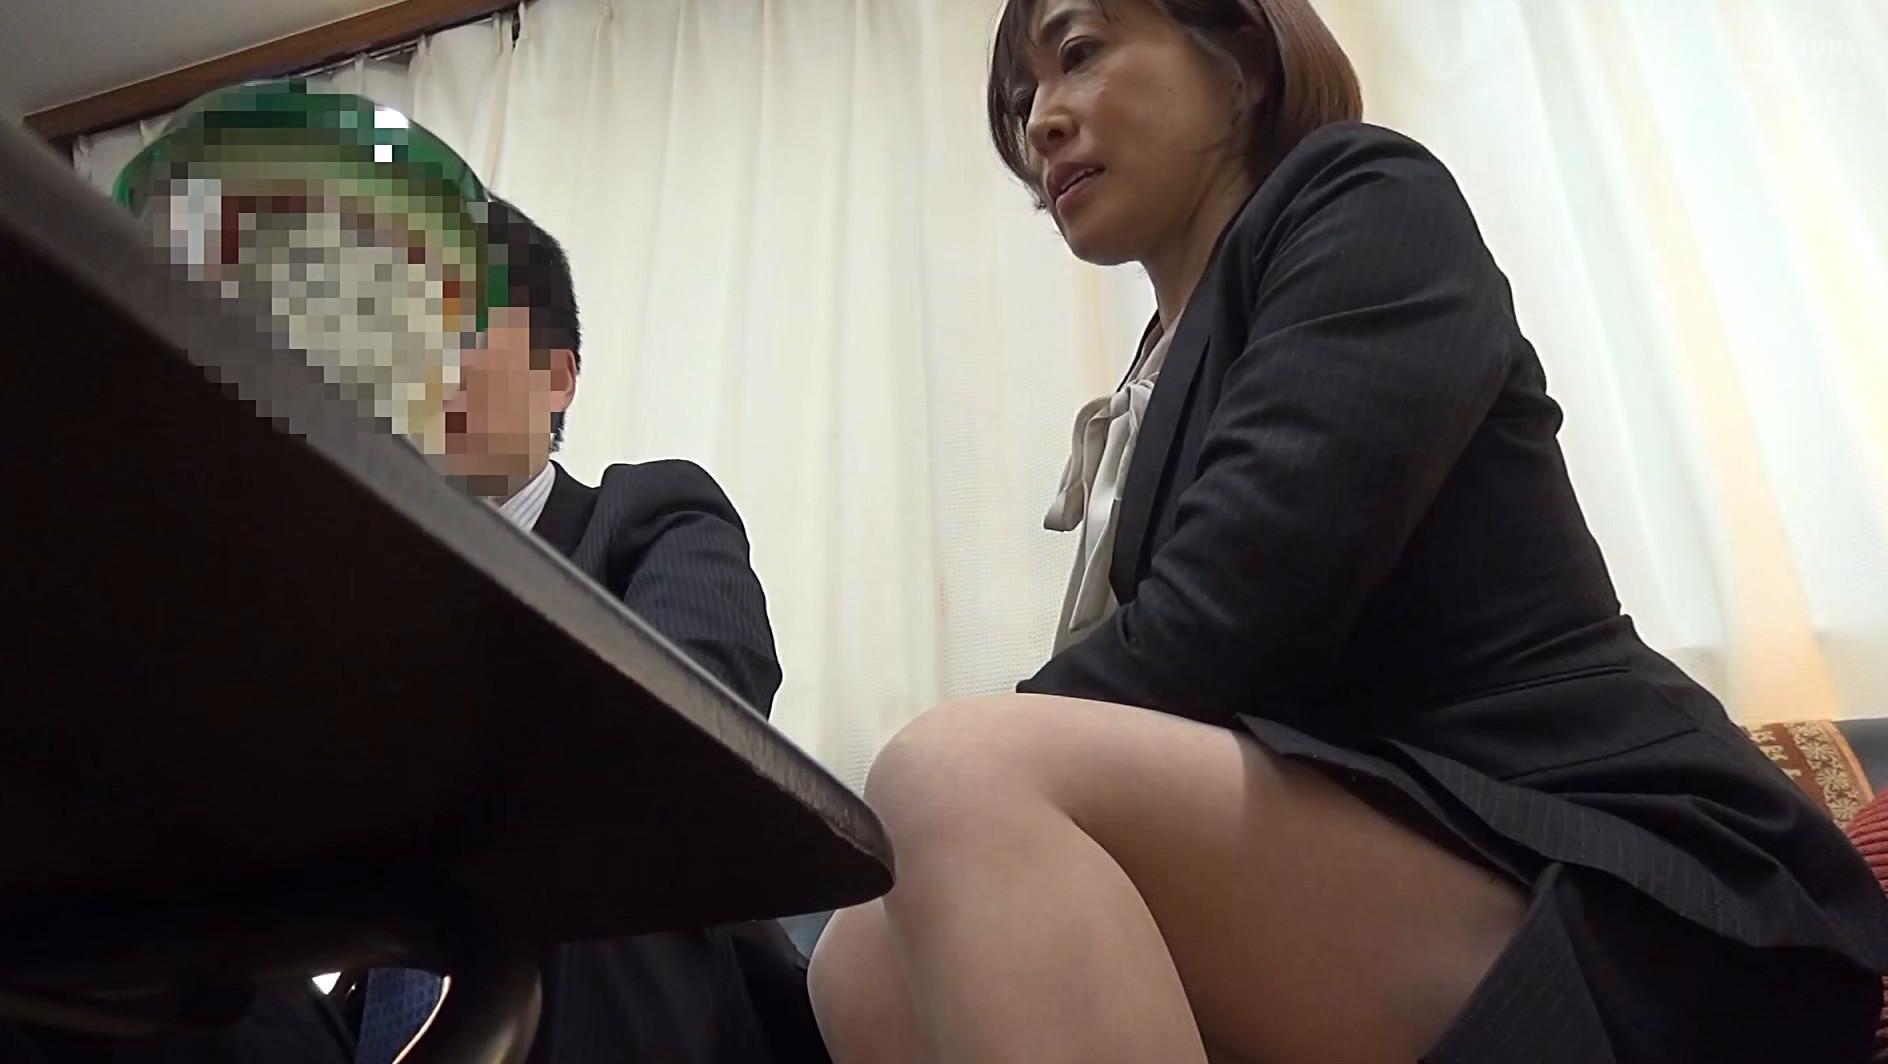 本気になるおばさん。久しぶりの本気SEXに溺れた嶋崎かすみさん(48歳)の場合